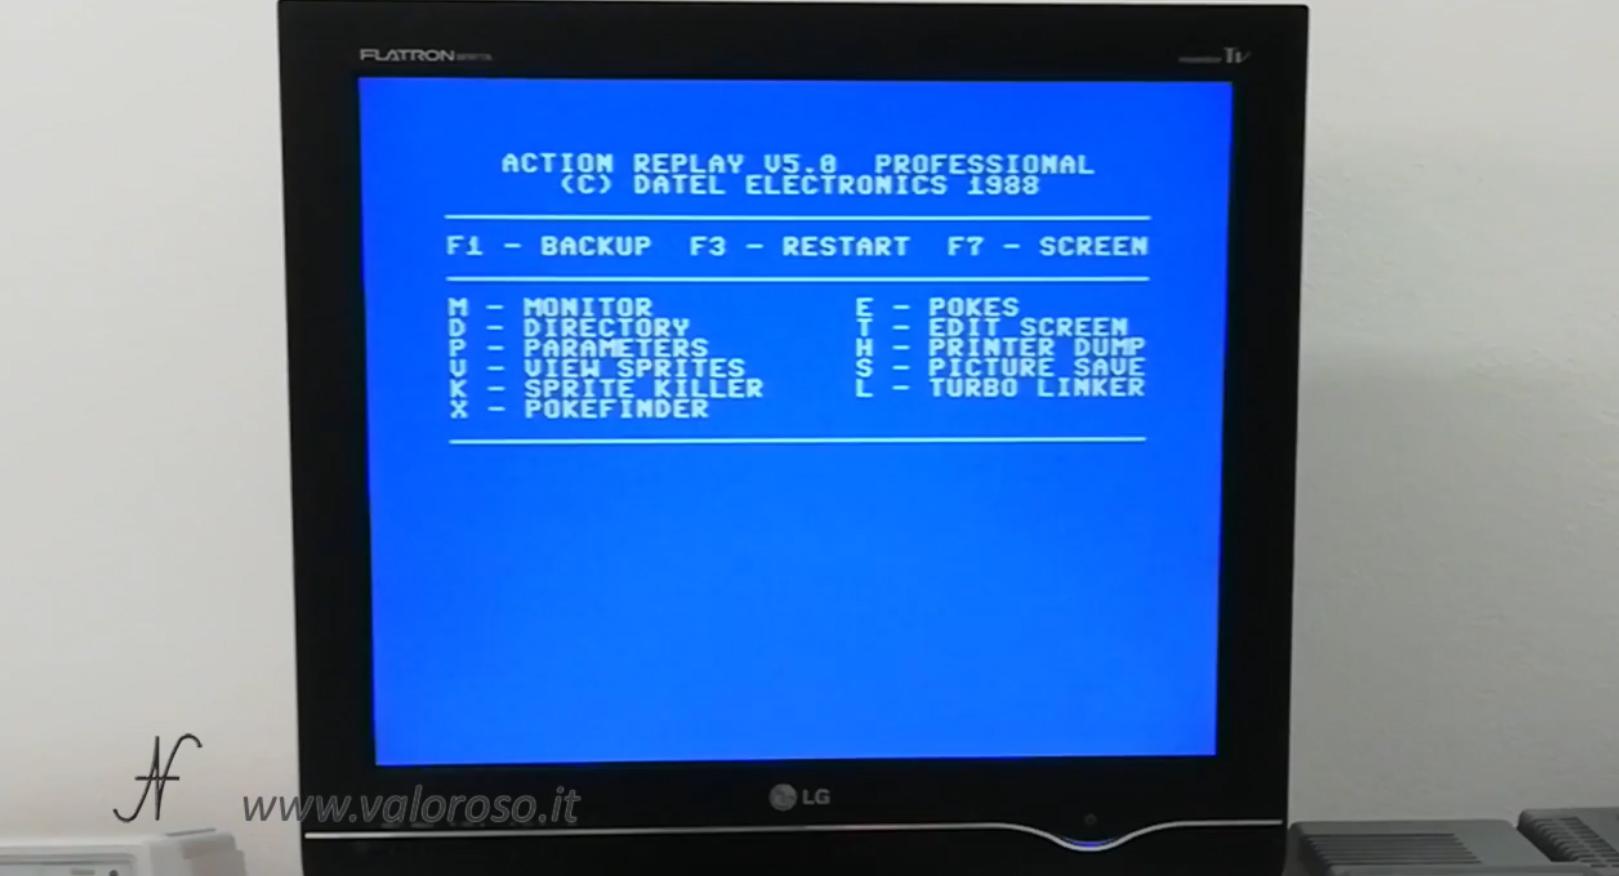 Datel Action Replay, Commodore 64, menu backup restart, copia videogioco da cassetta a floppy e SD